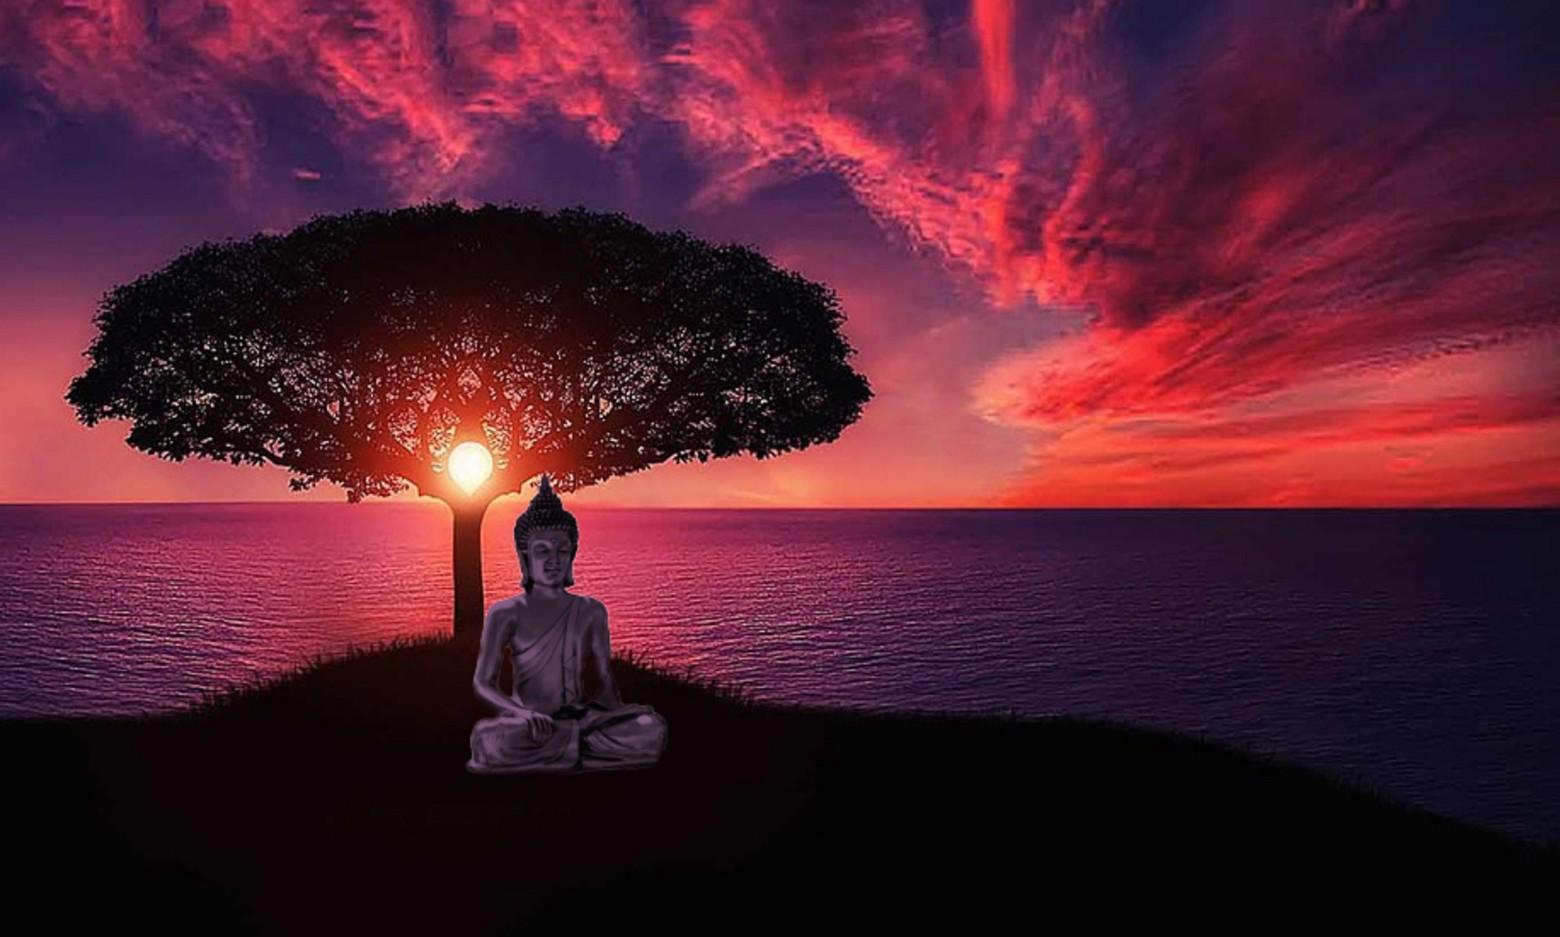 zen bouddha fond d cran relaxation mditation images photos gratuites1